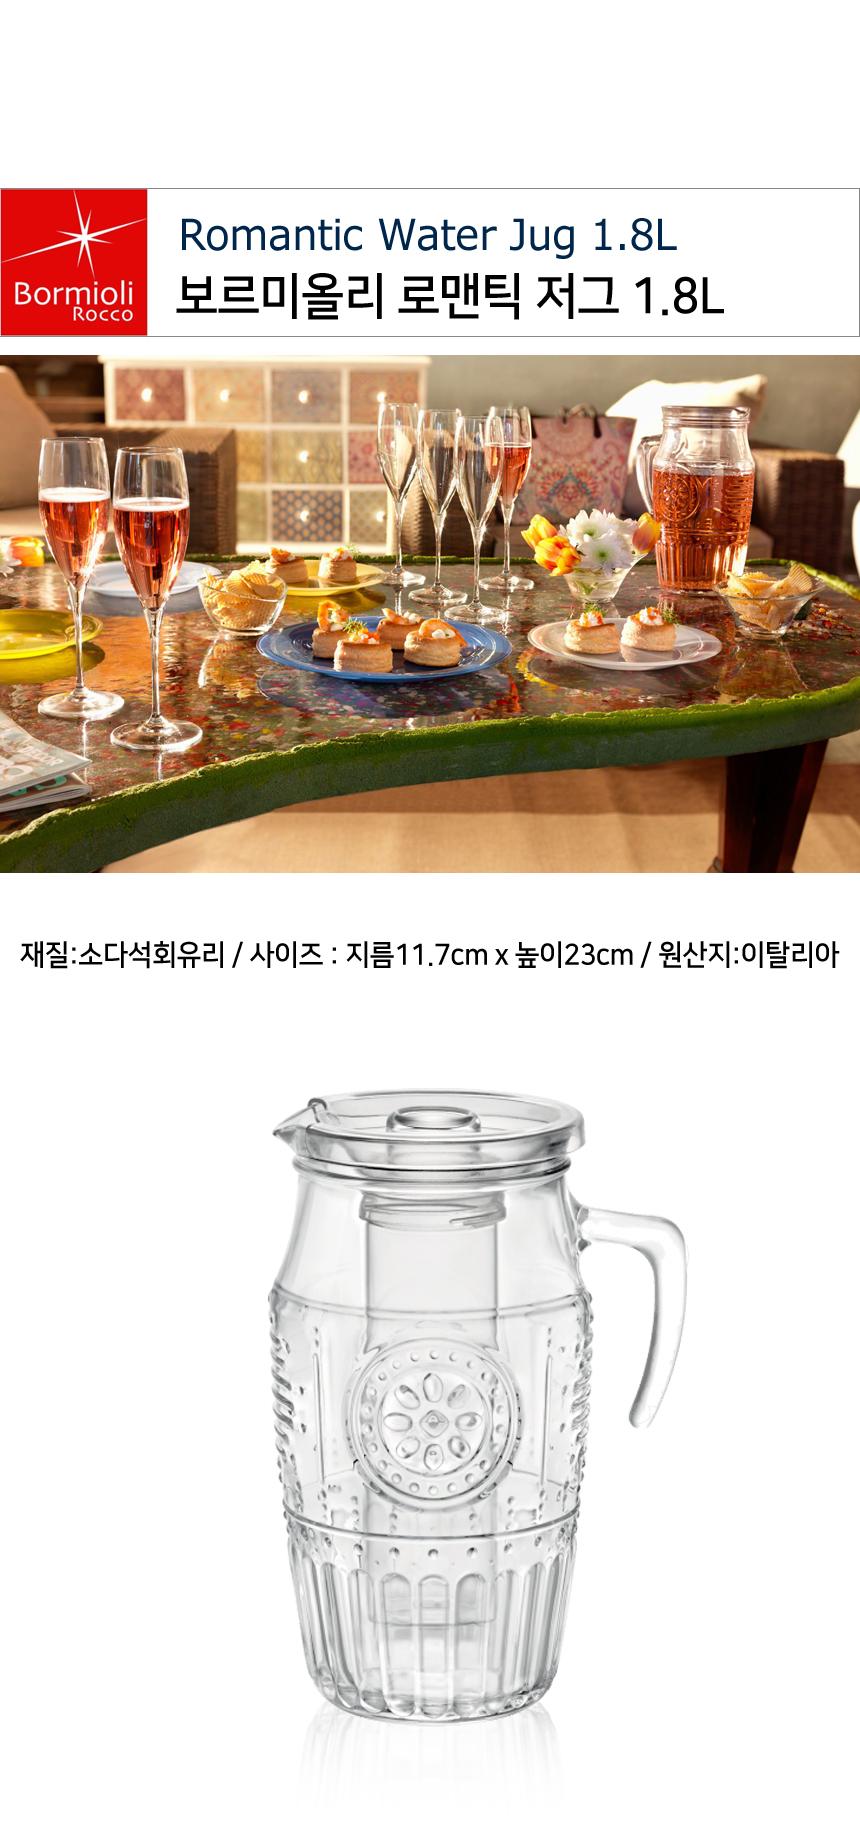 보르미올리 로맨틱 저그 1.8L - 김씨하우스, 16,800원, 보틀/텀블러, 키친 물병